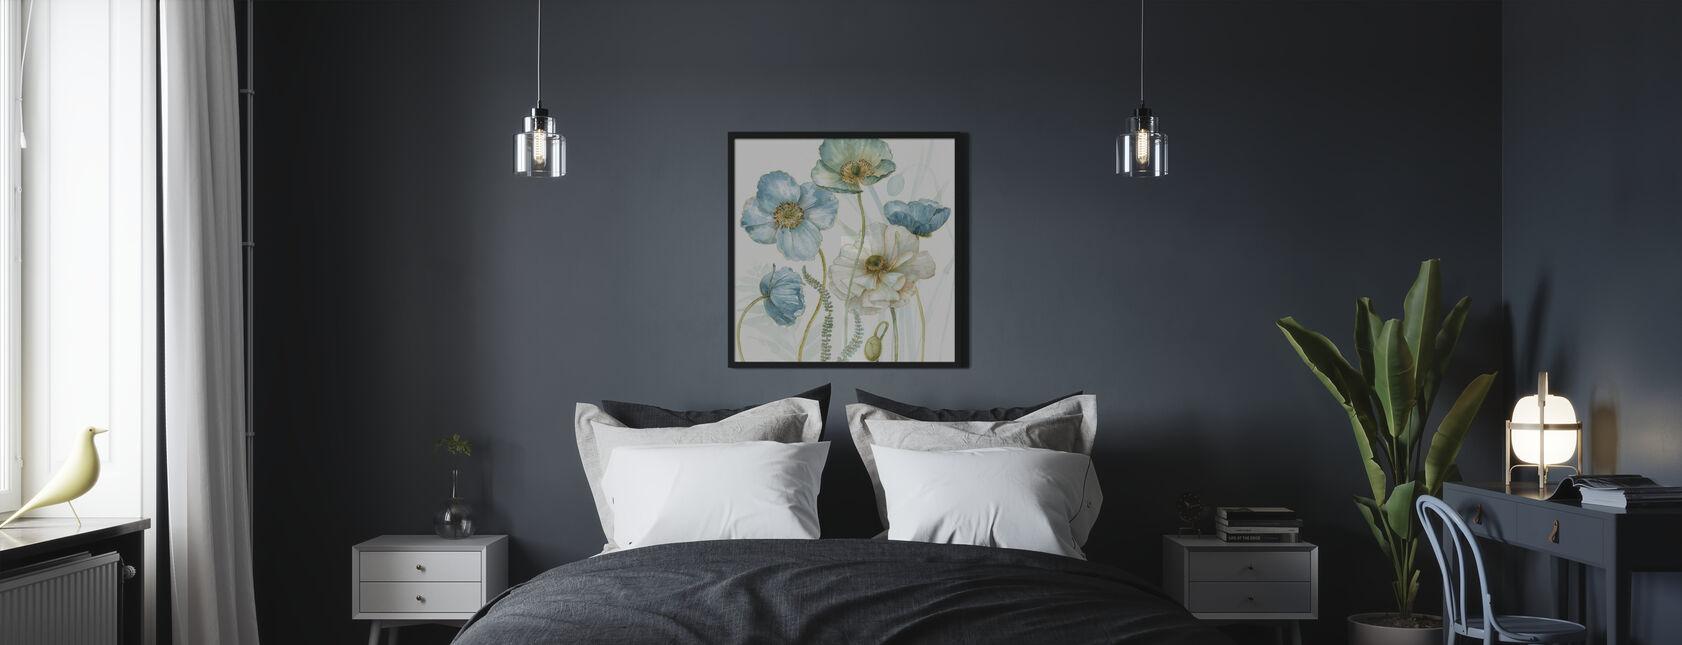 Mein Gewächshaus Blumen 5 - Poster - Schlafzimmer